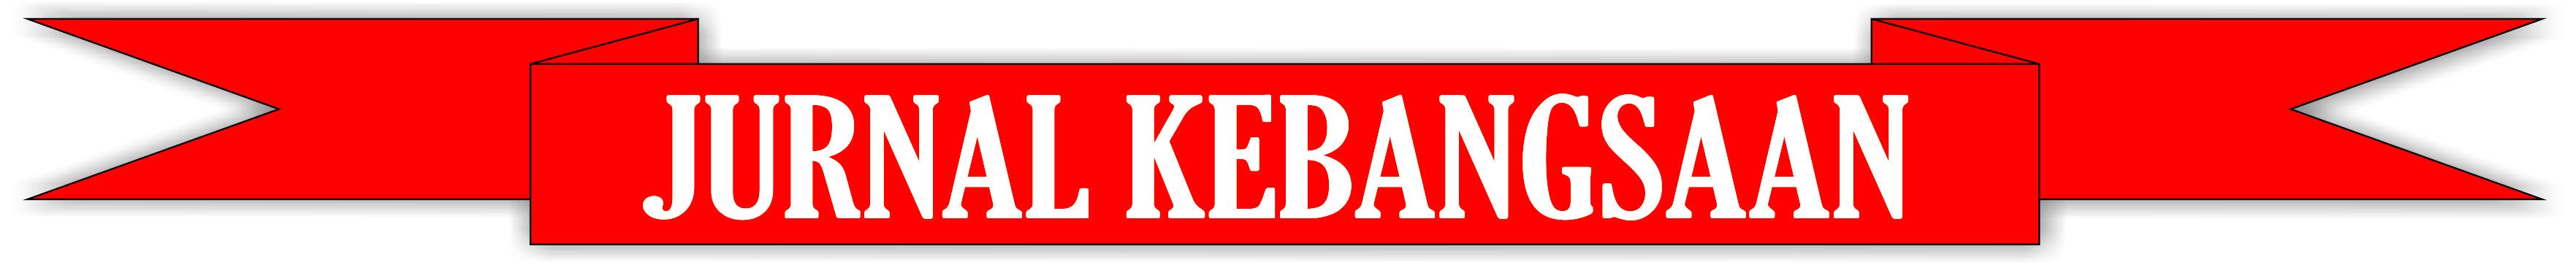 #JurnalKebangsaanUYP